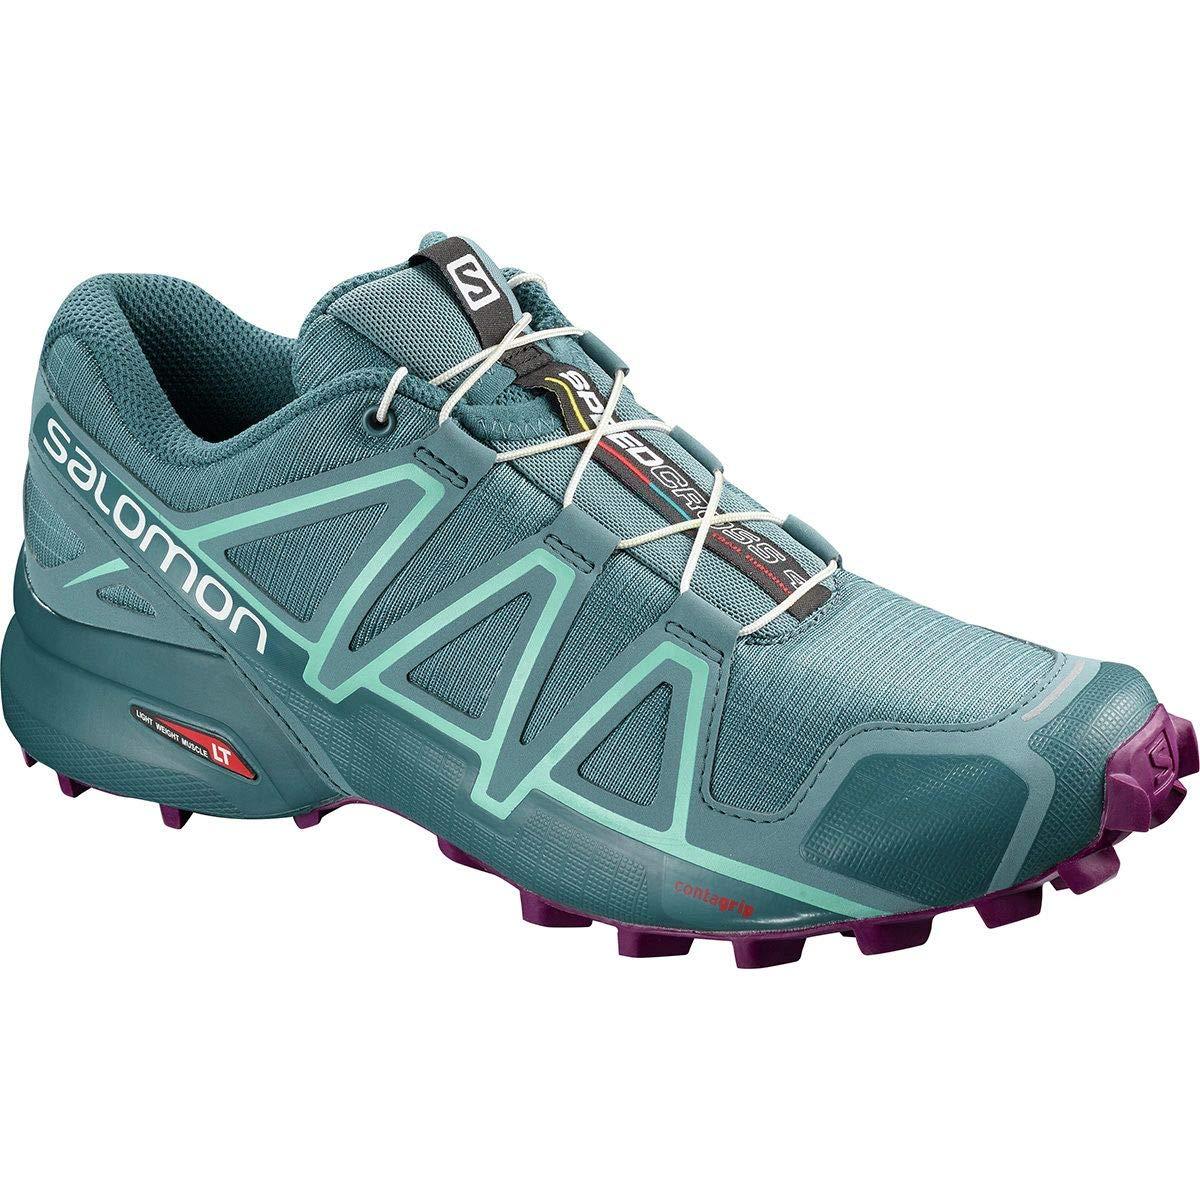 【サイズ交換OK】 [サロモン] [並行輸入品] レディース Running ランニング Speedcross 4 Trail Running Shoe [並行輸入品] B07P5CDPS7 B07P5CDPS7 US-10.5/UK-9.0, 子供靴&インポートウェアFabrica:568d6584 --- portfolio.studioalex.nl